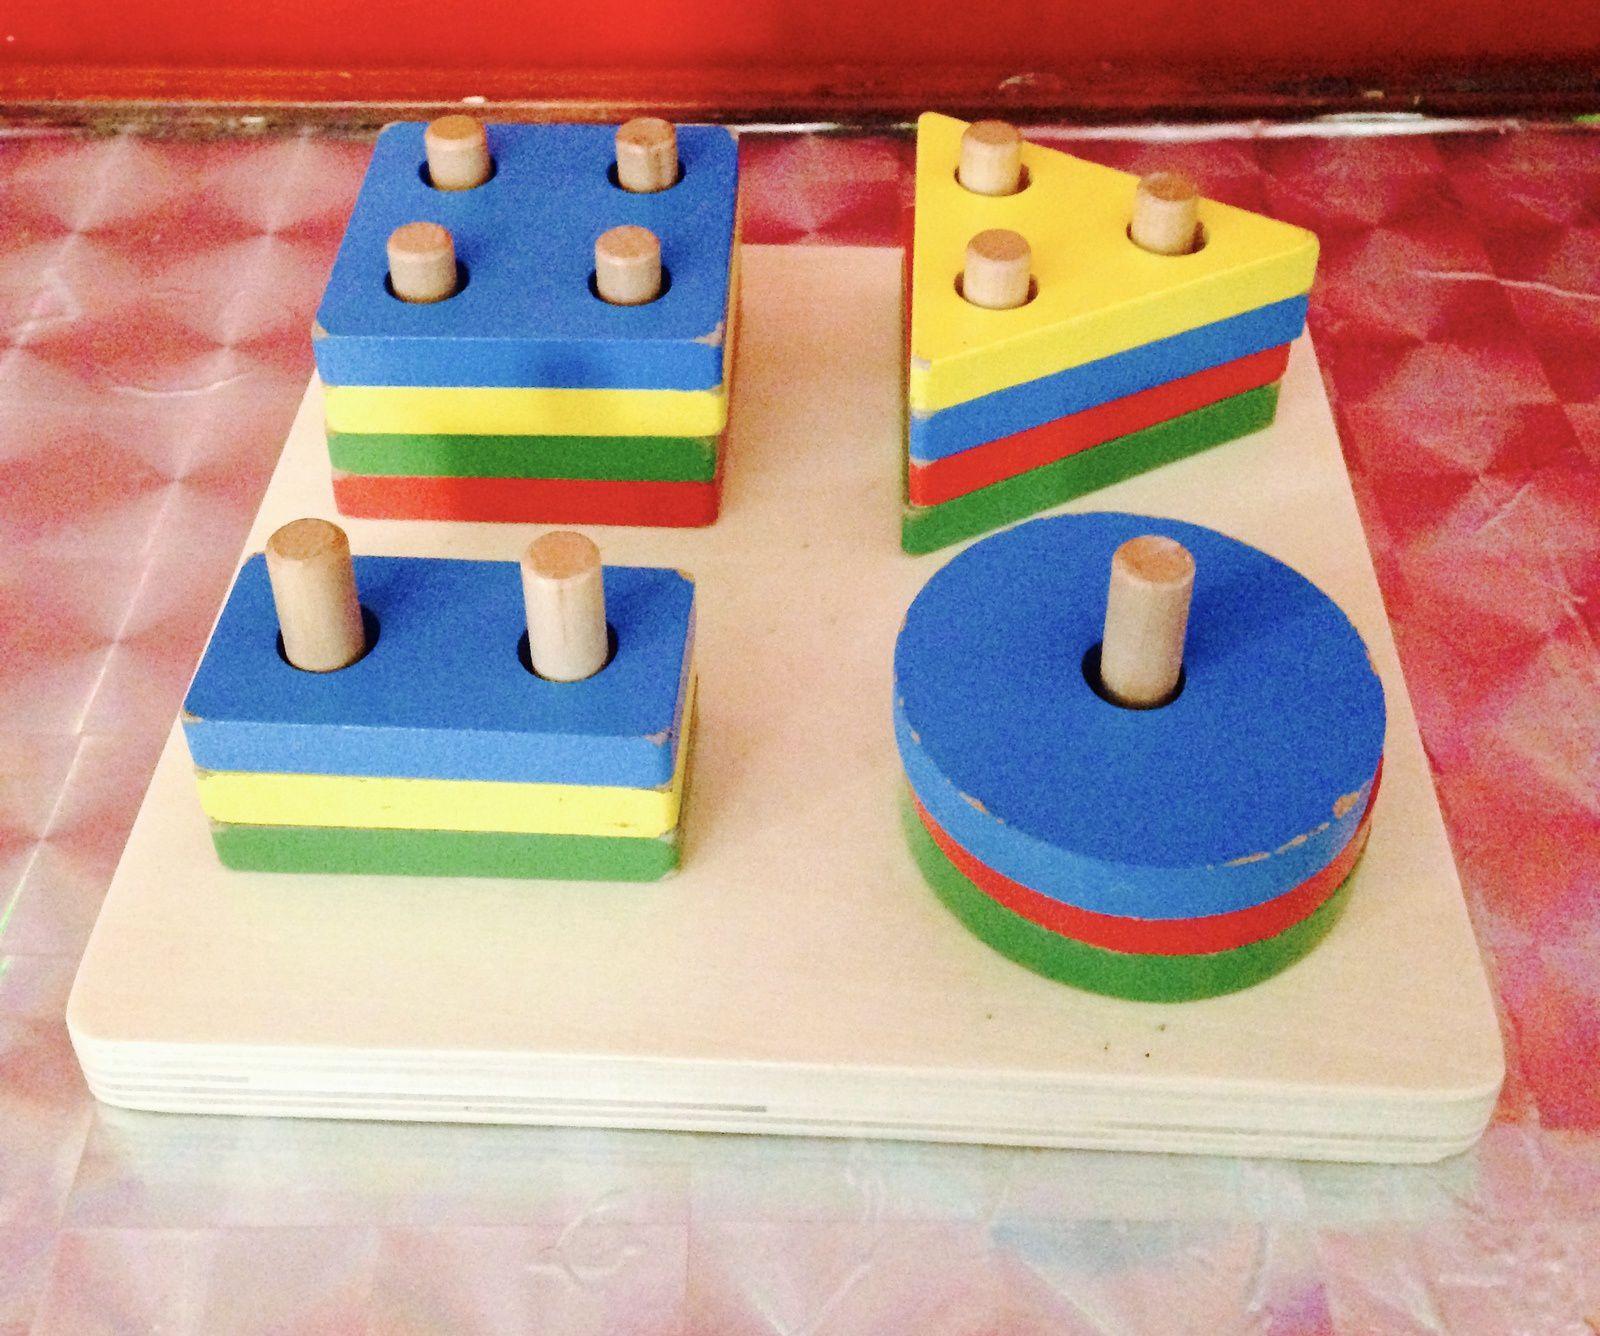 Composer des petites maisons avec les enfants d'âge préscolaire